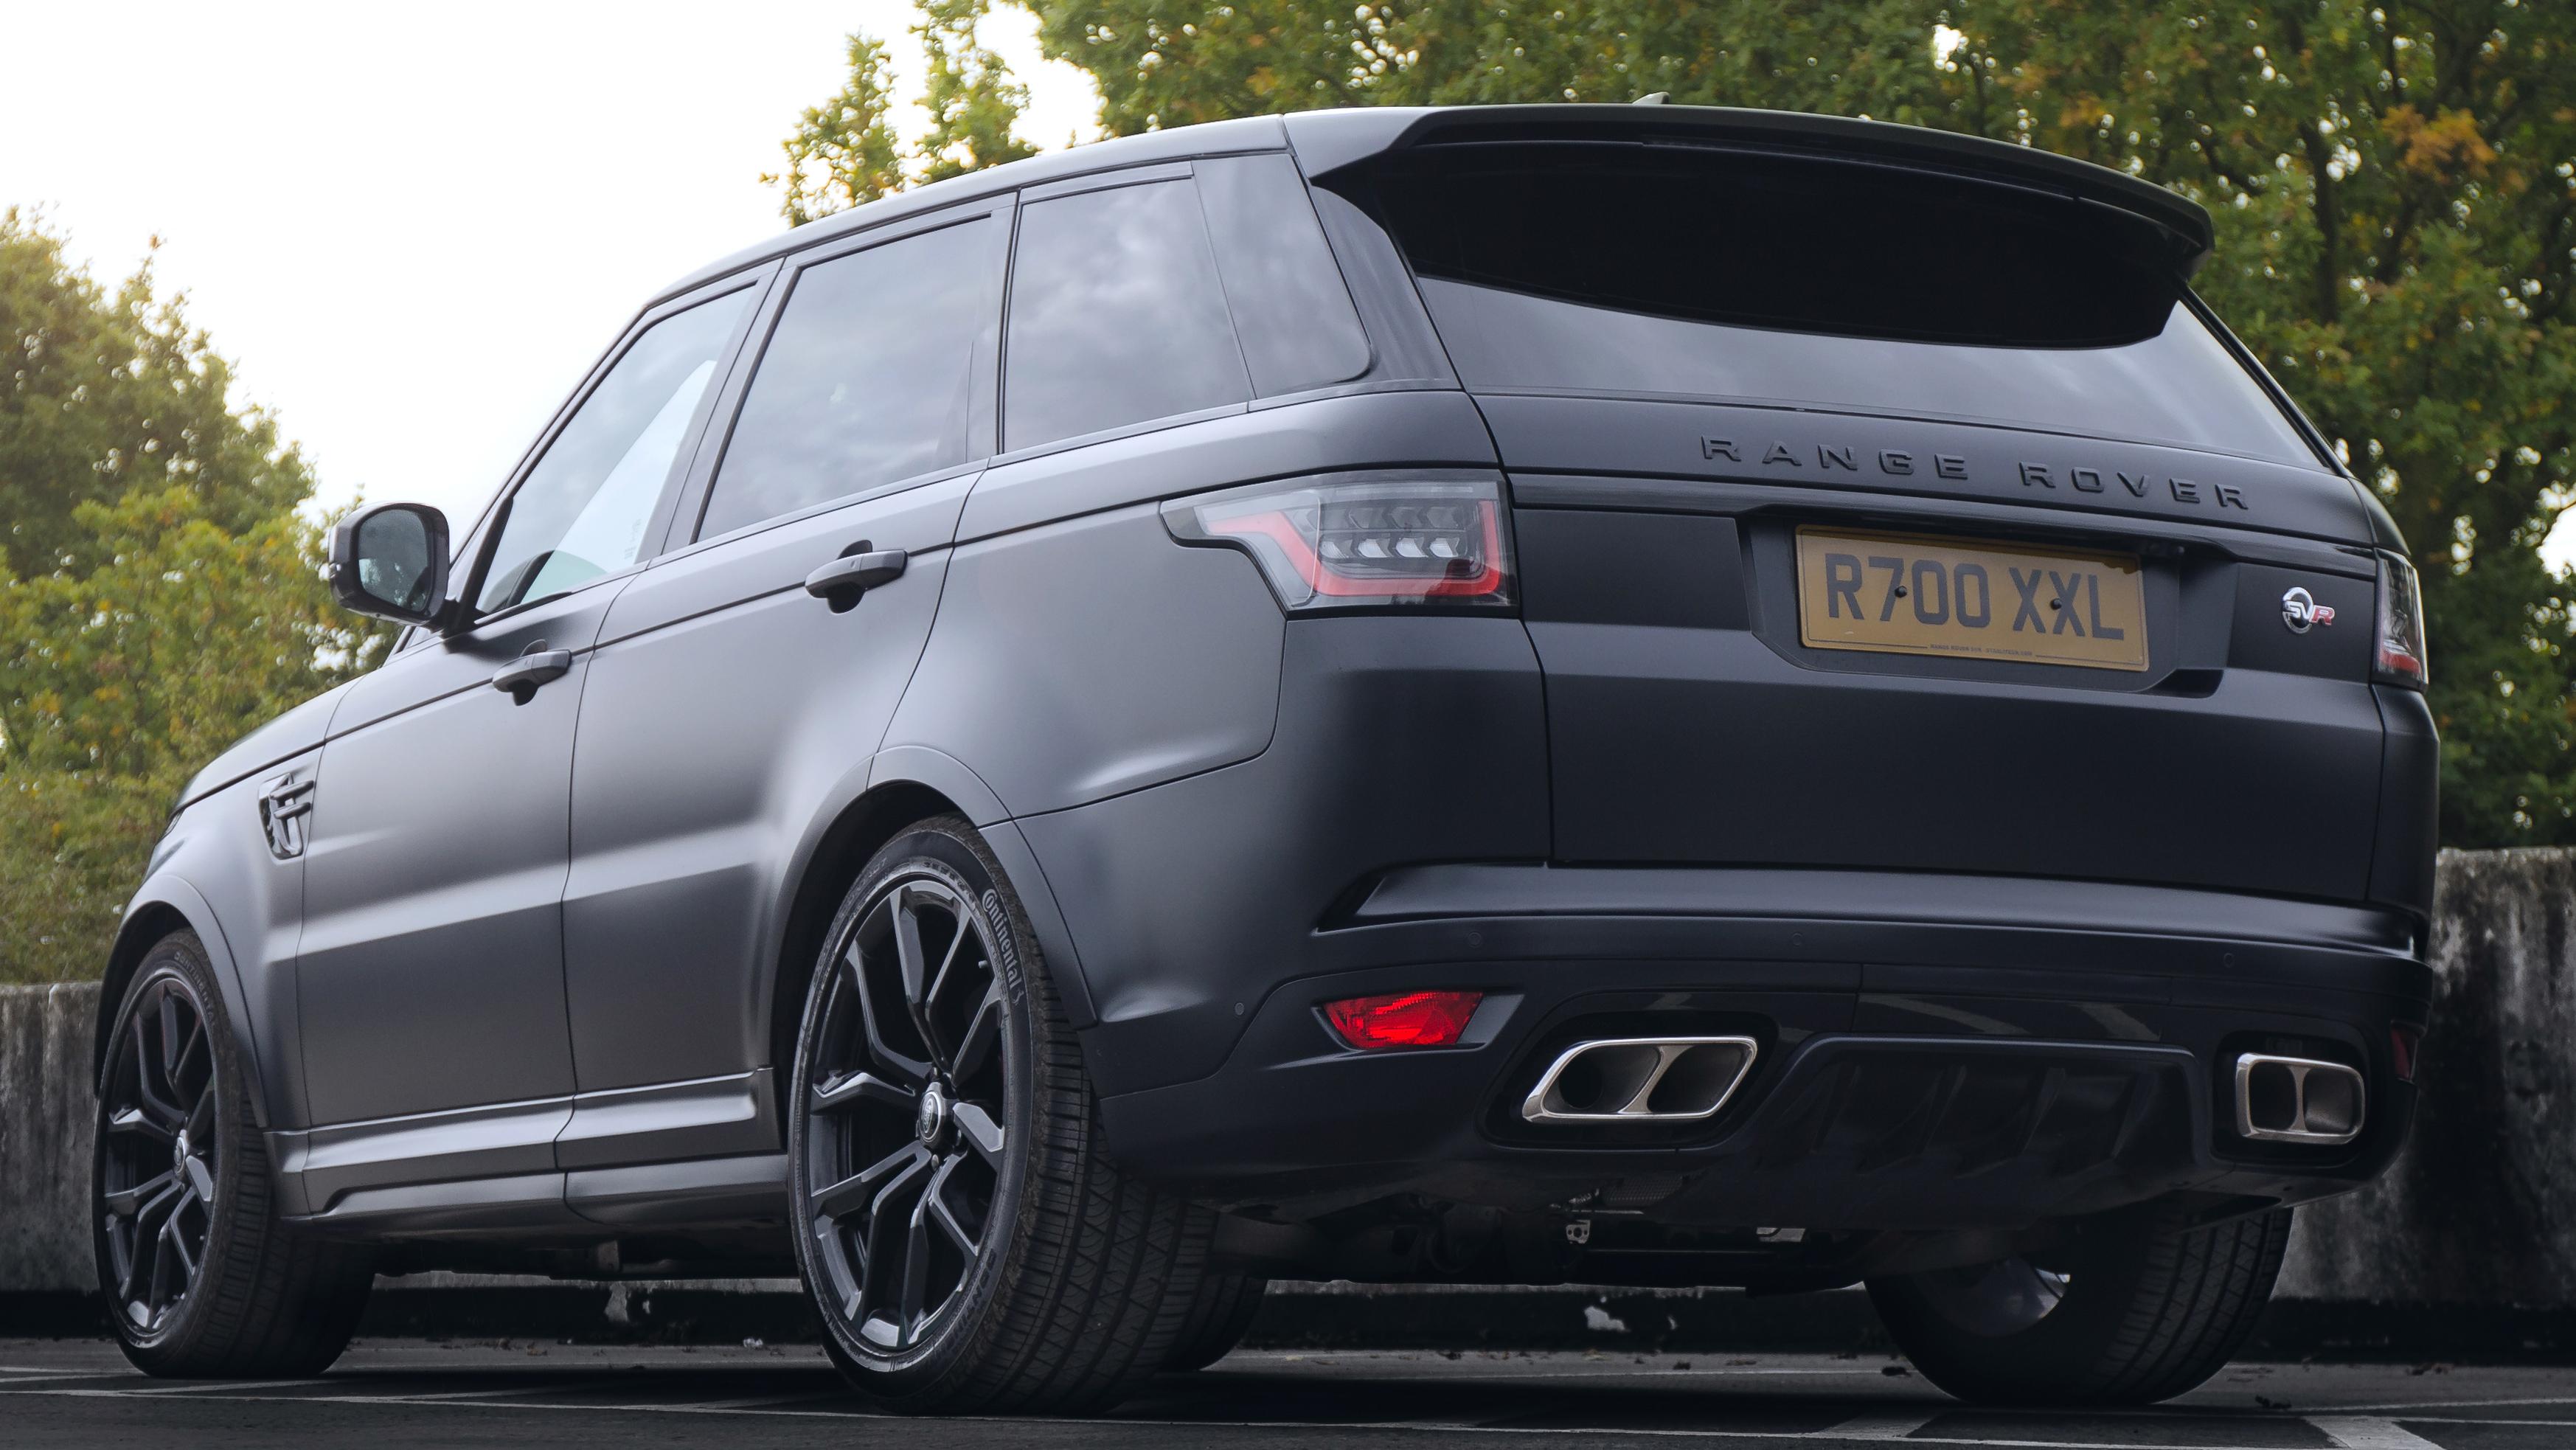 Range Rover Sport SVR V8